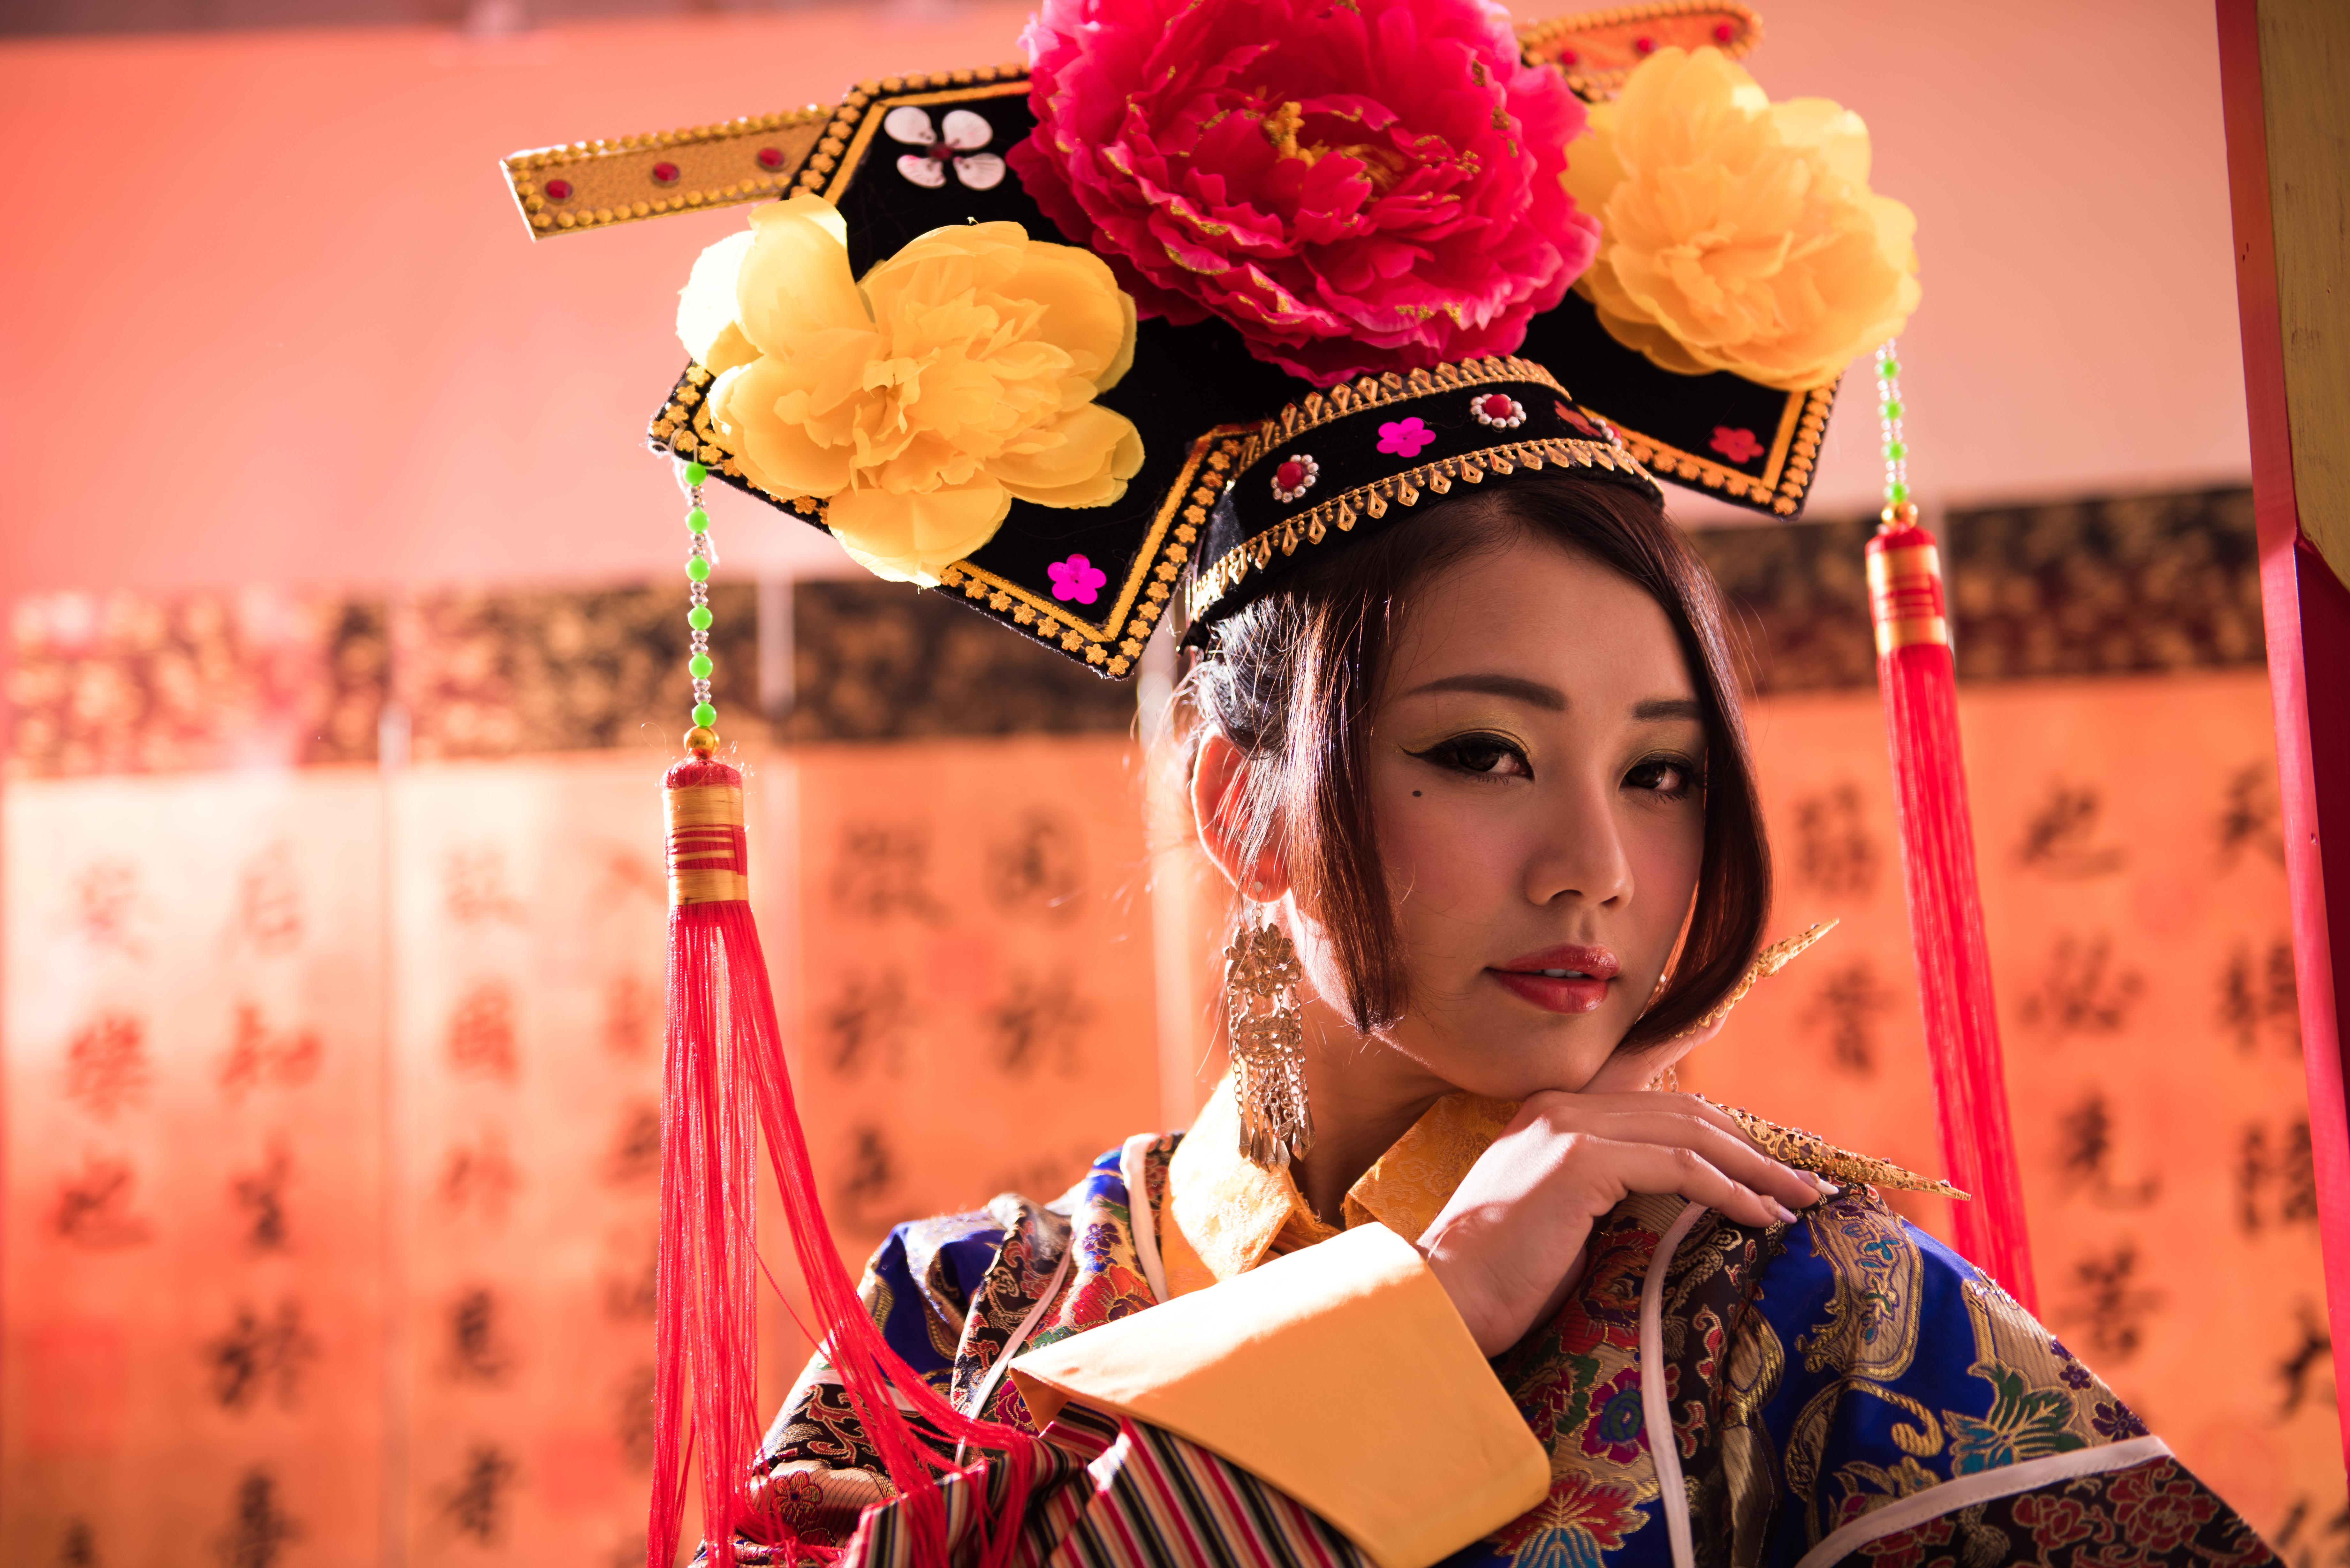 Images of Qián Fūrén   7360x4912